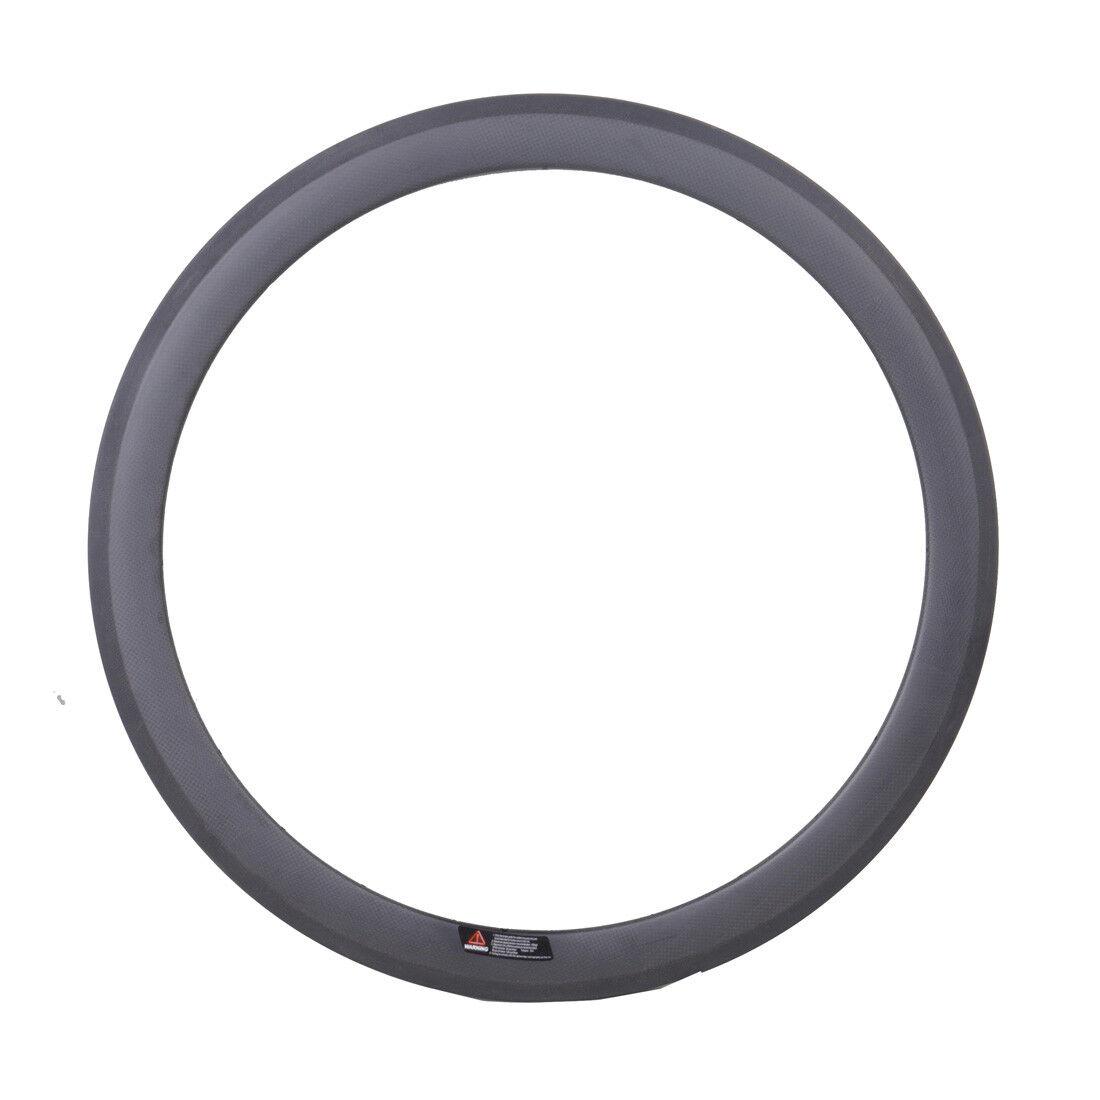 Road Bike Racing Rim 700C  23mm width 50mm depth Carbon Tubular Basalt 3K Matt  best-selling